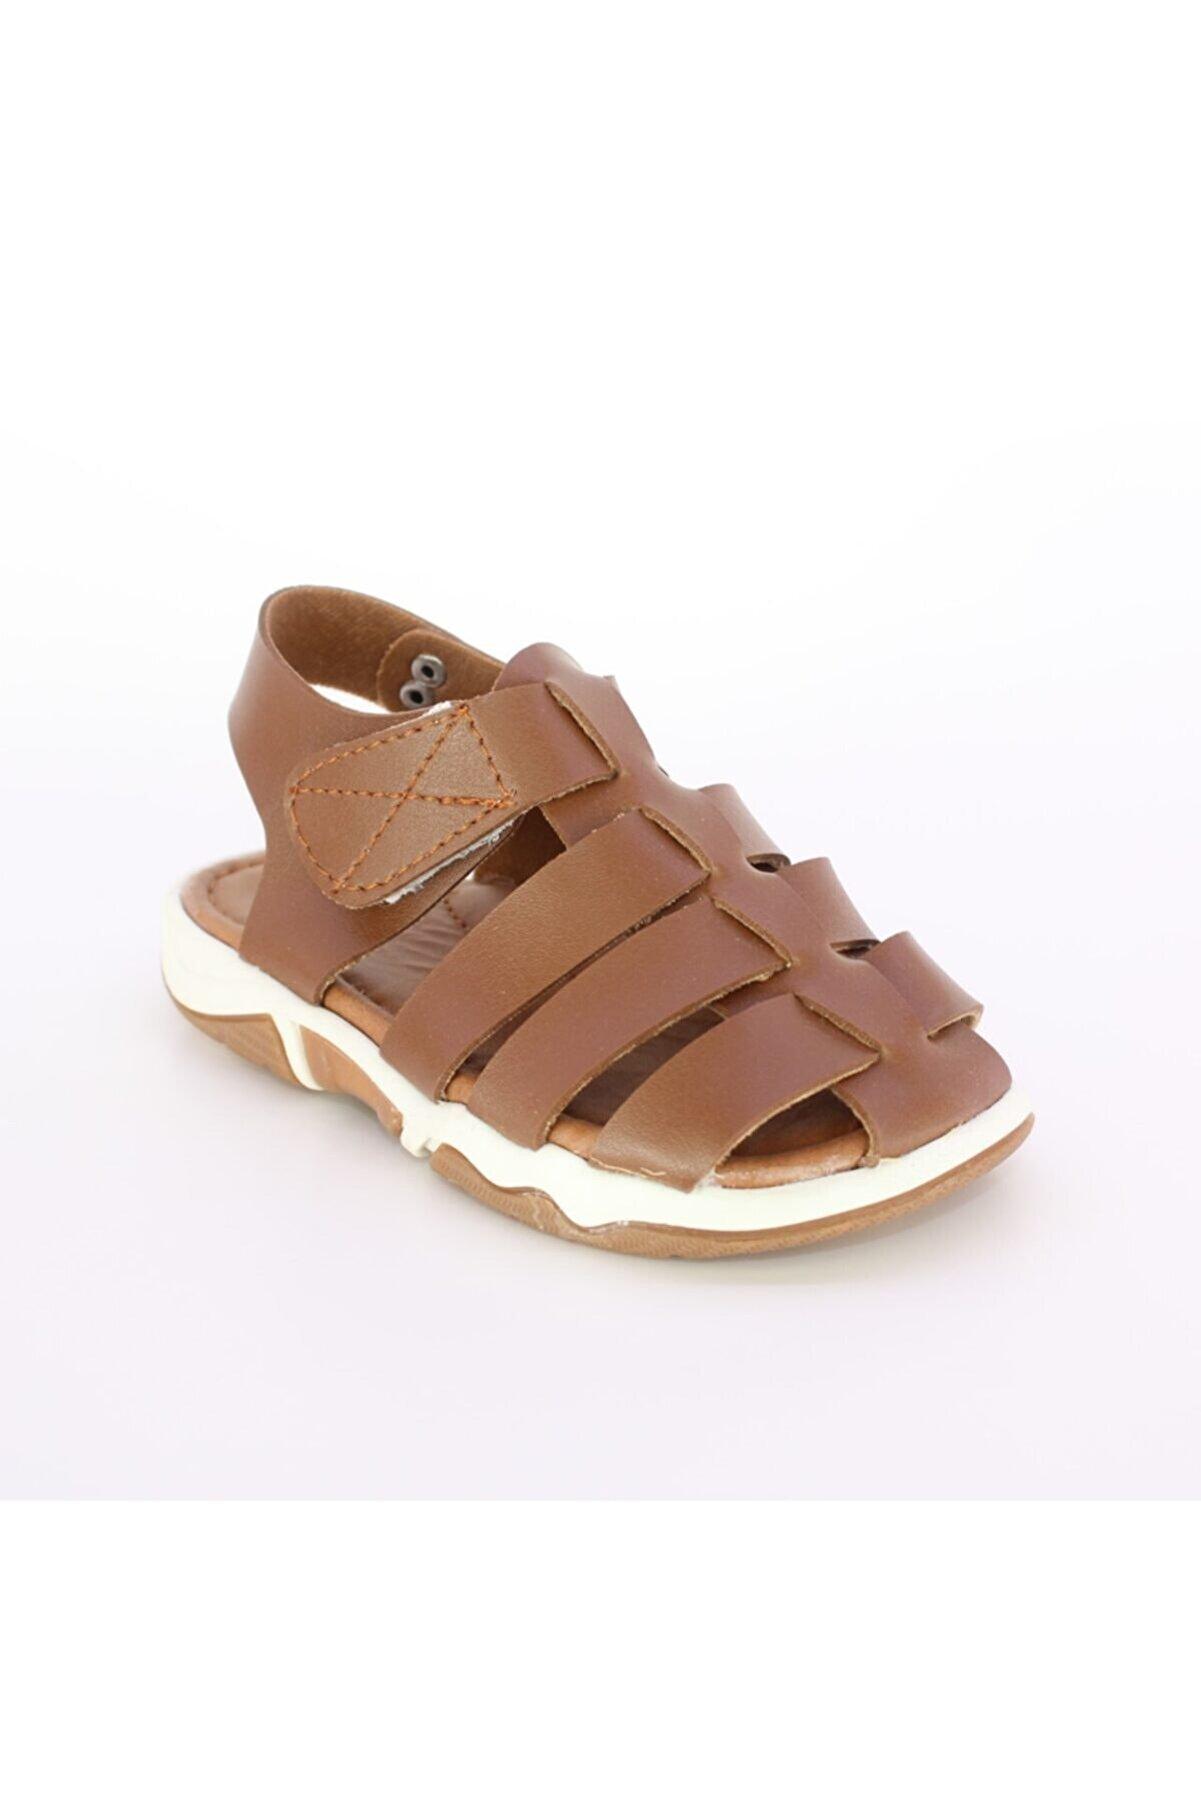 Miss Junior Yazlık Anatomik Suni Deri Rahat Unisex Çocuk Sandalet